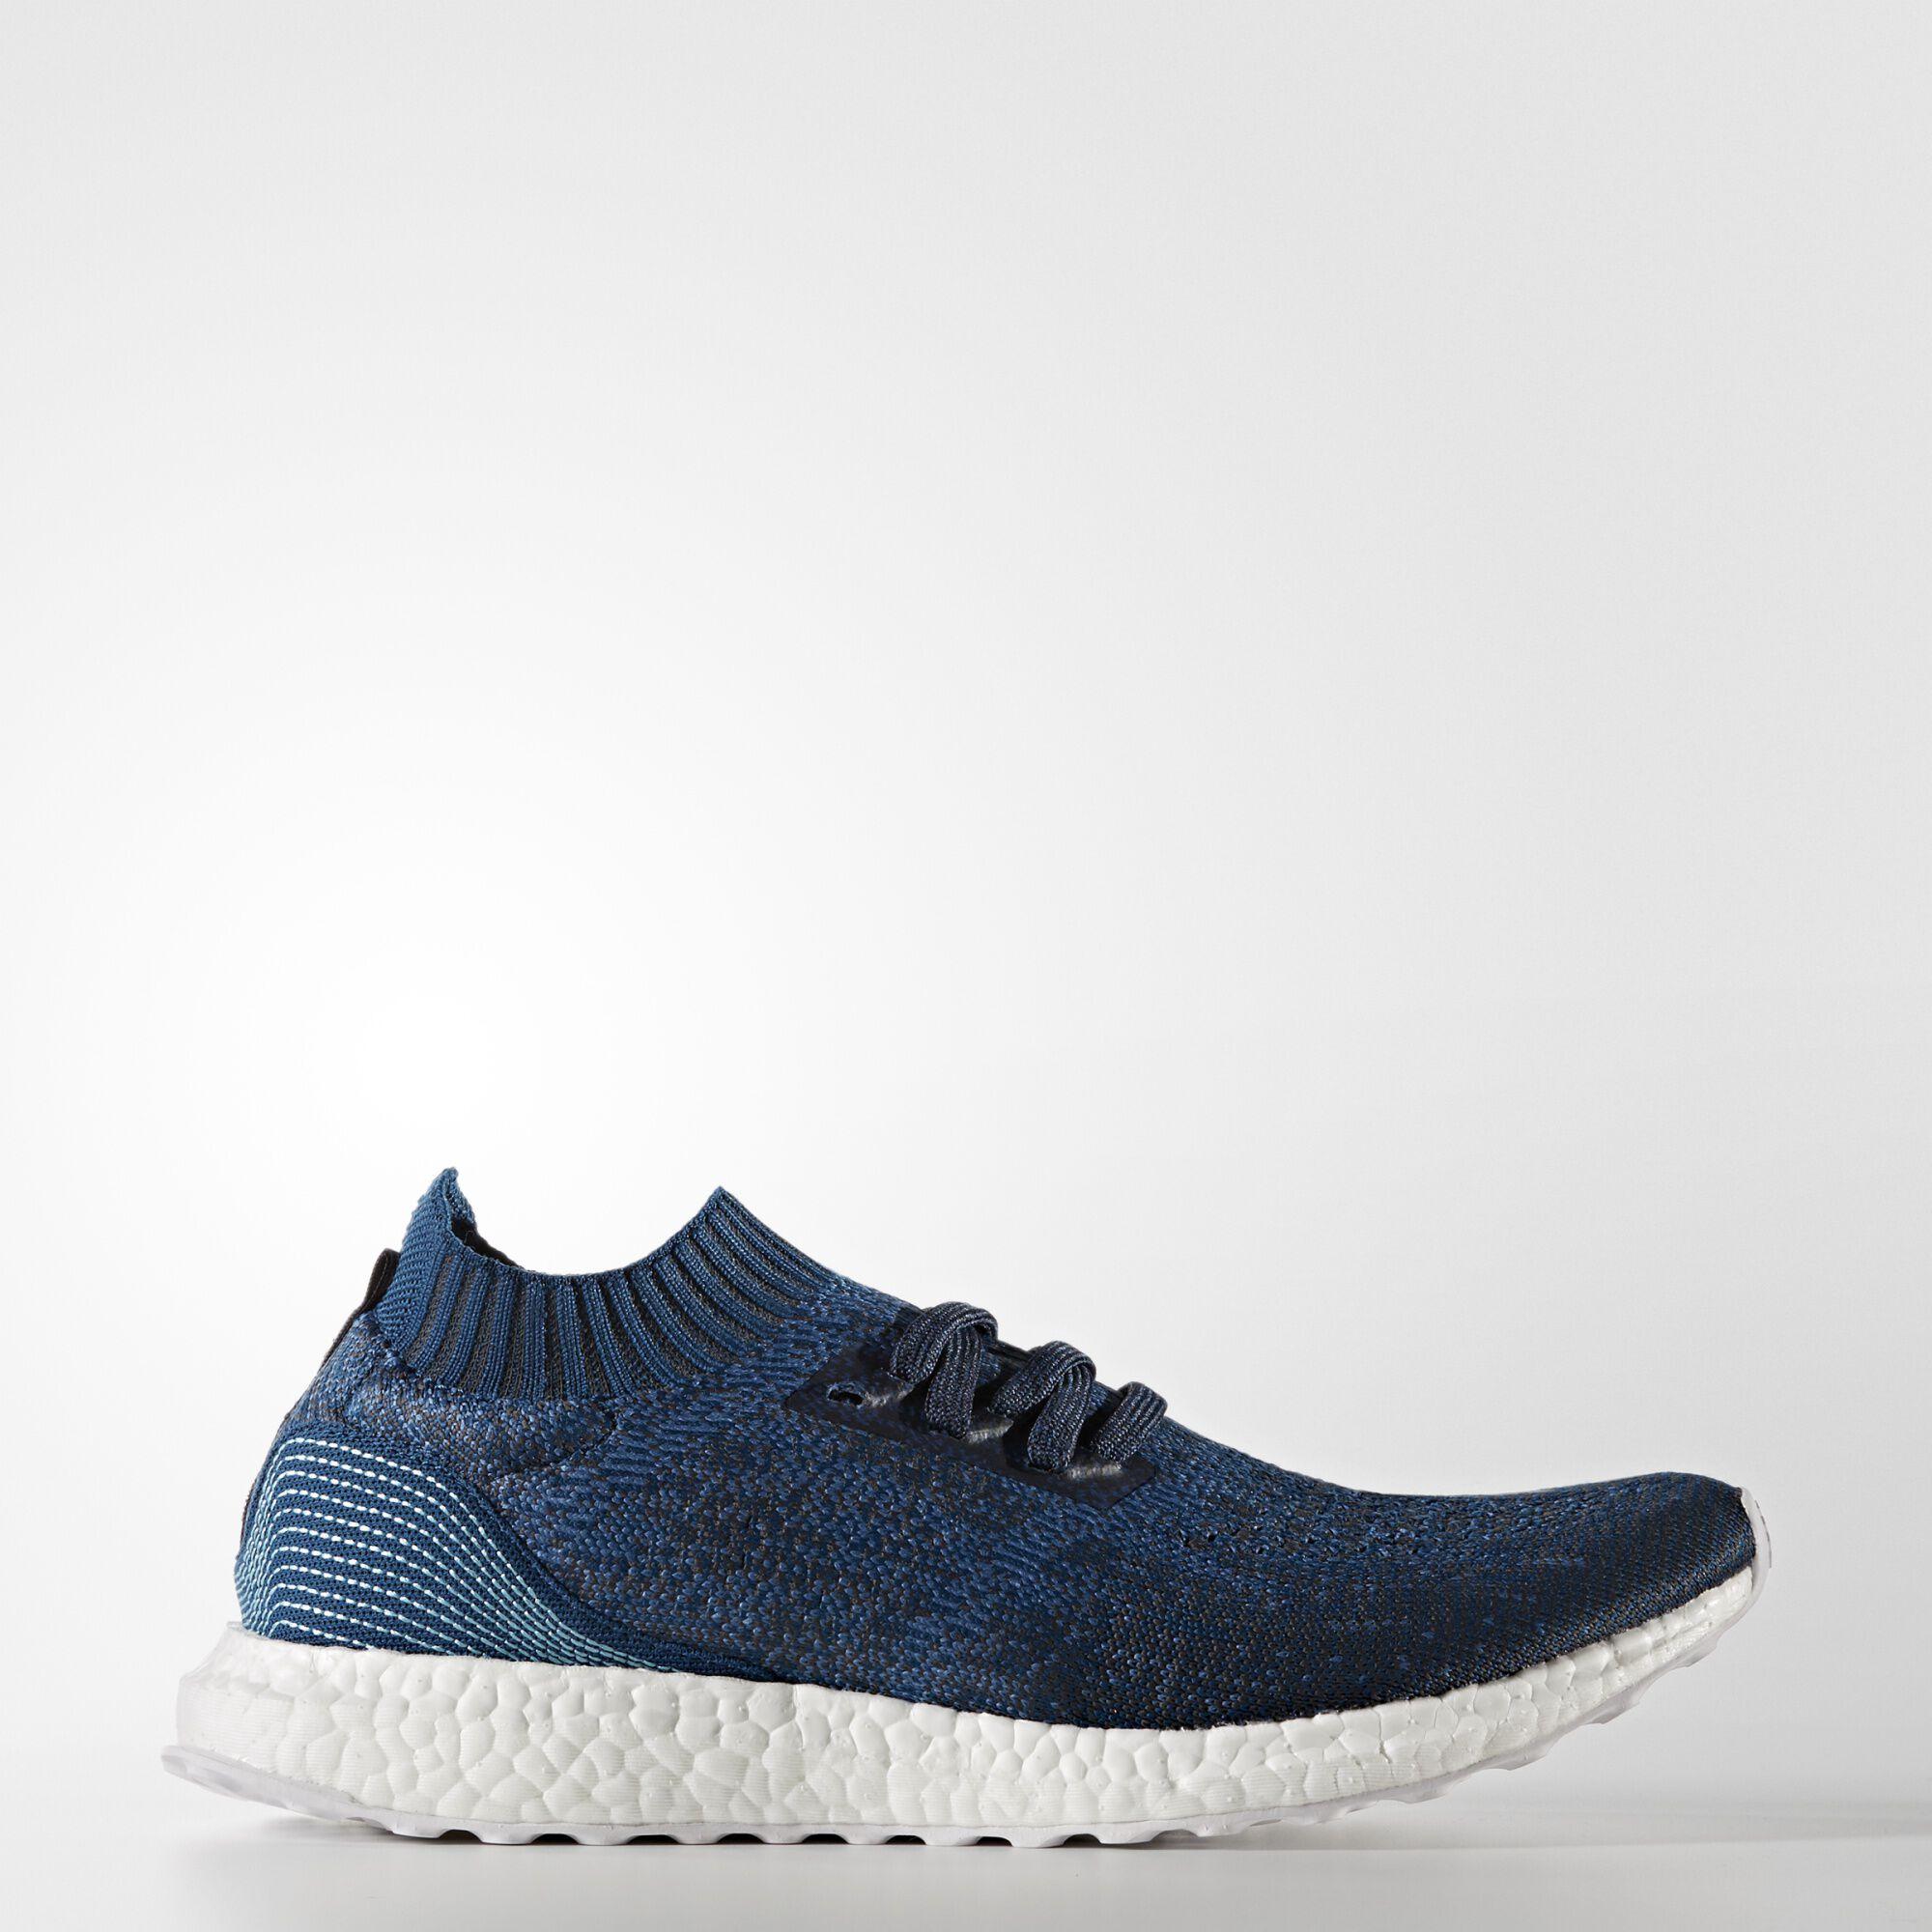 adidas ultra boost shop